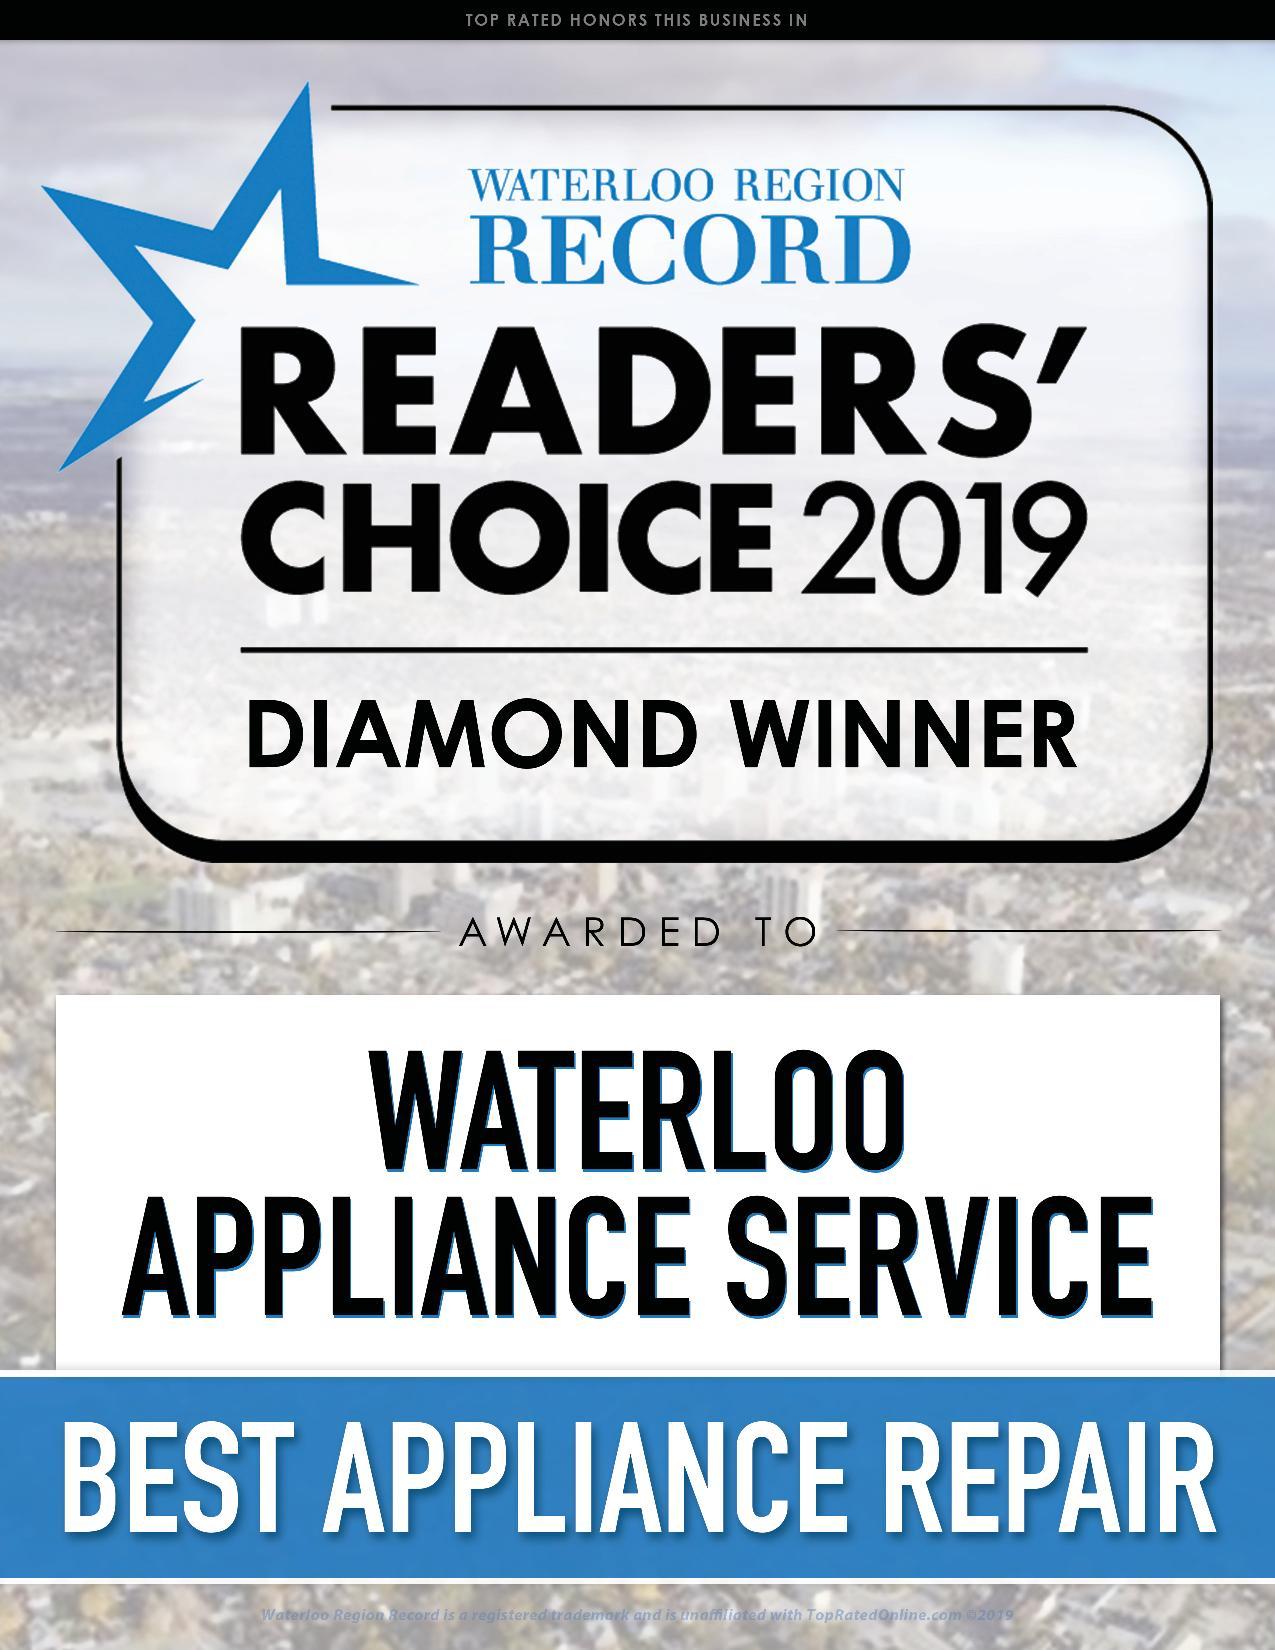 https://0901.nccdn.net/4_2/000/000/071/260/waterloo-appliance-service-wrr-11x13-page-001.jpg